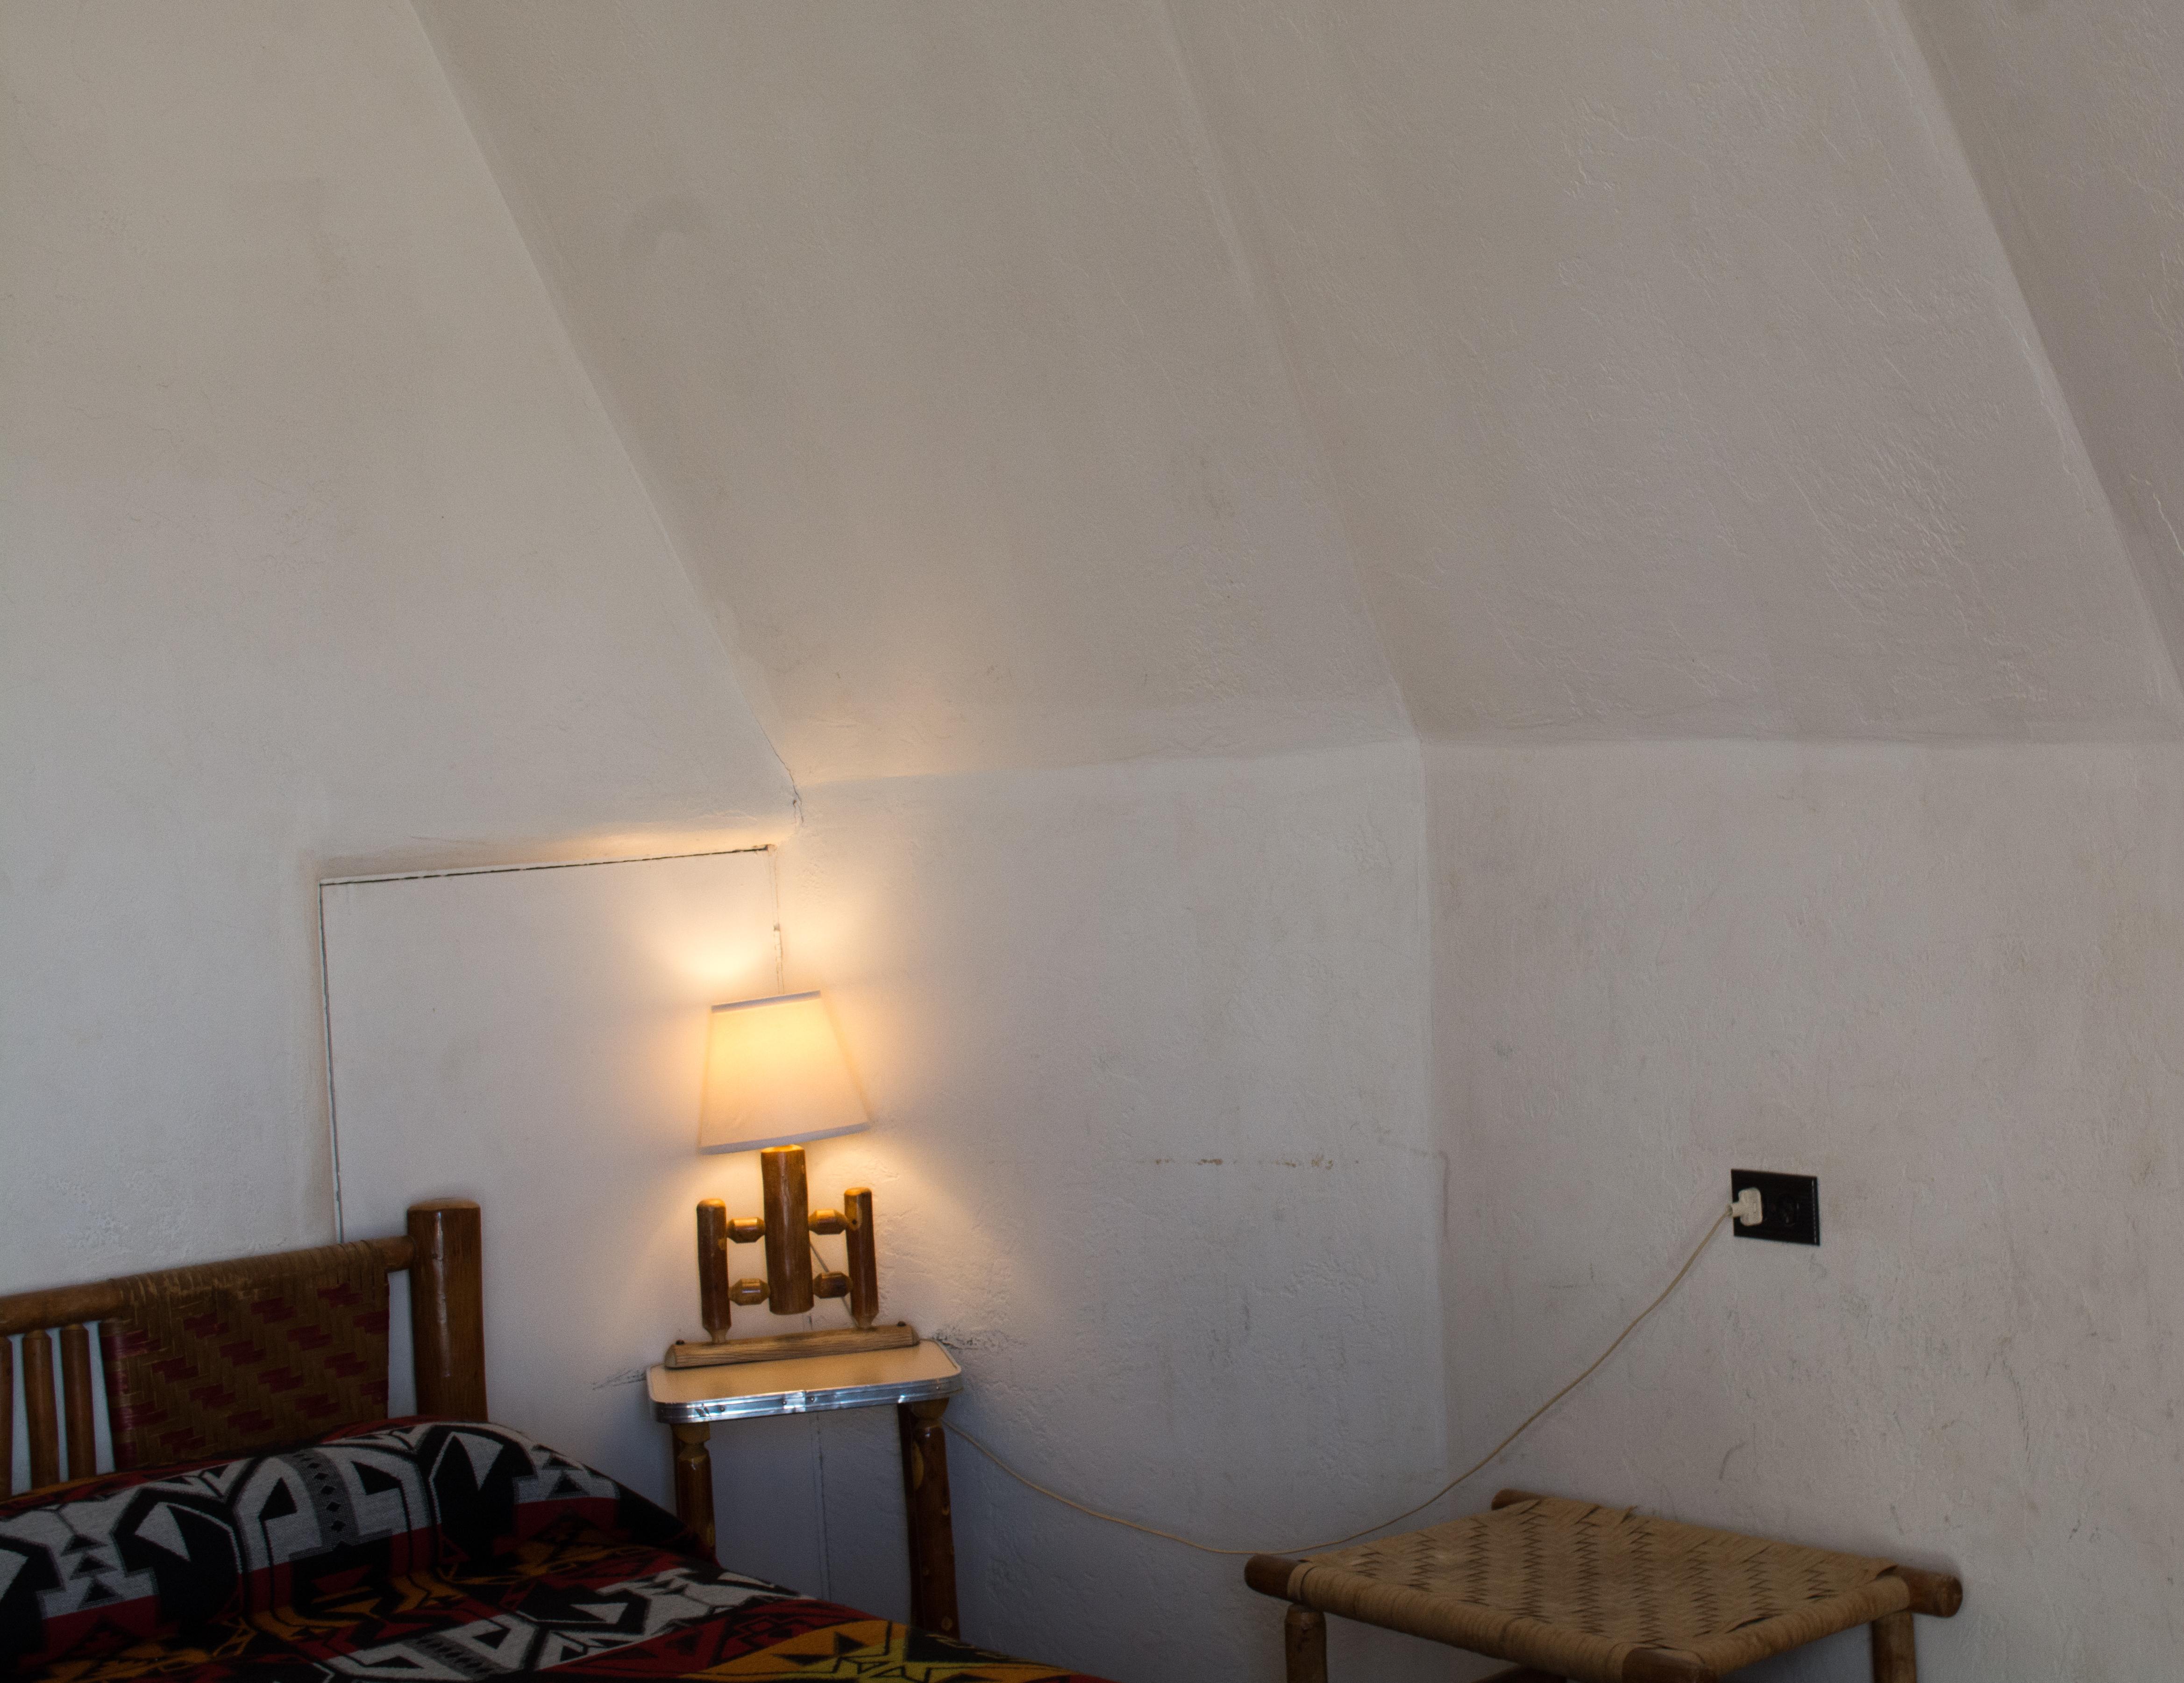 Maison Sol Mur Plafond Propriété Chambre éclairage Appartement Grenier  Design Du0027intérieur Plâtre Lumière Du